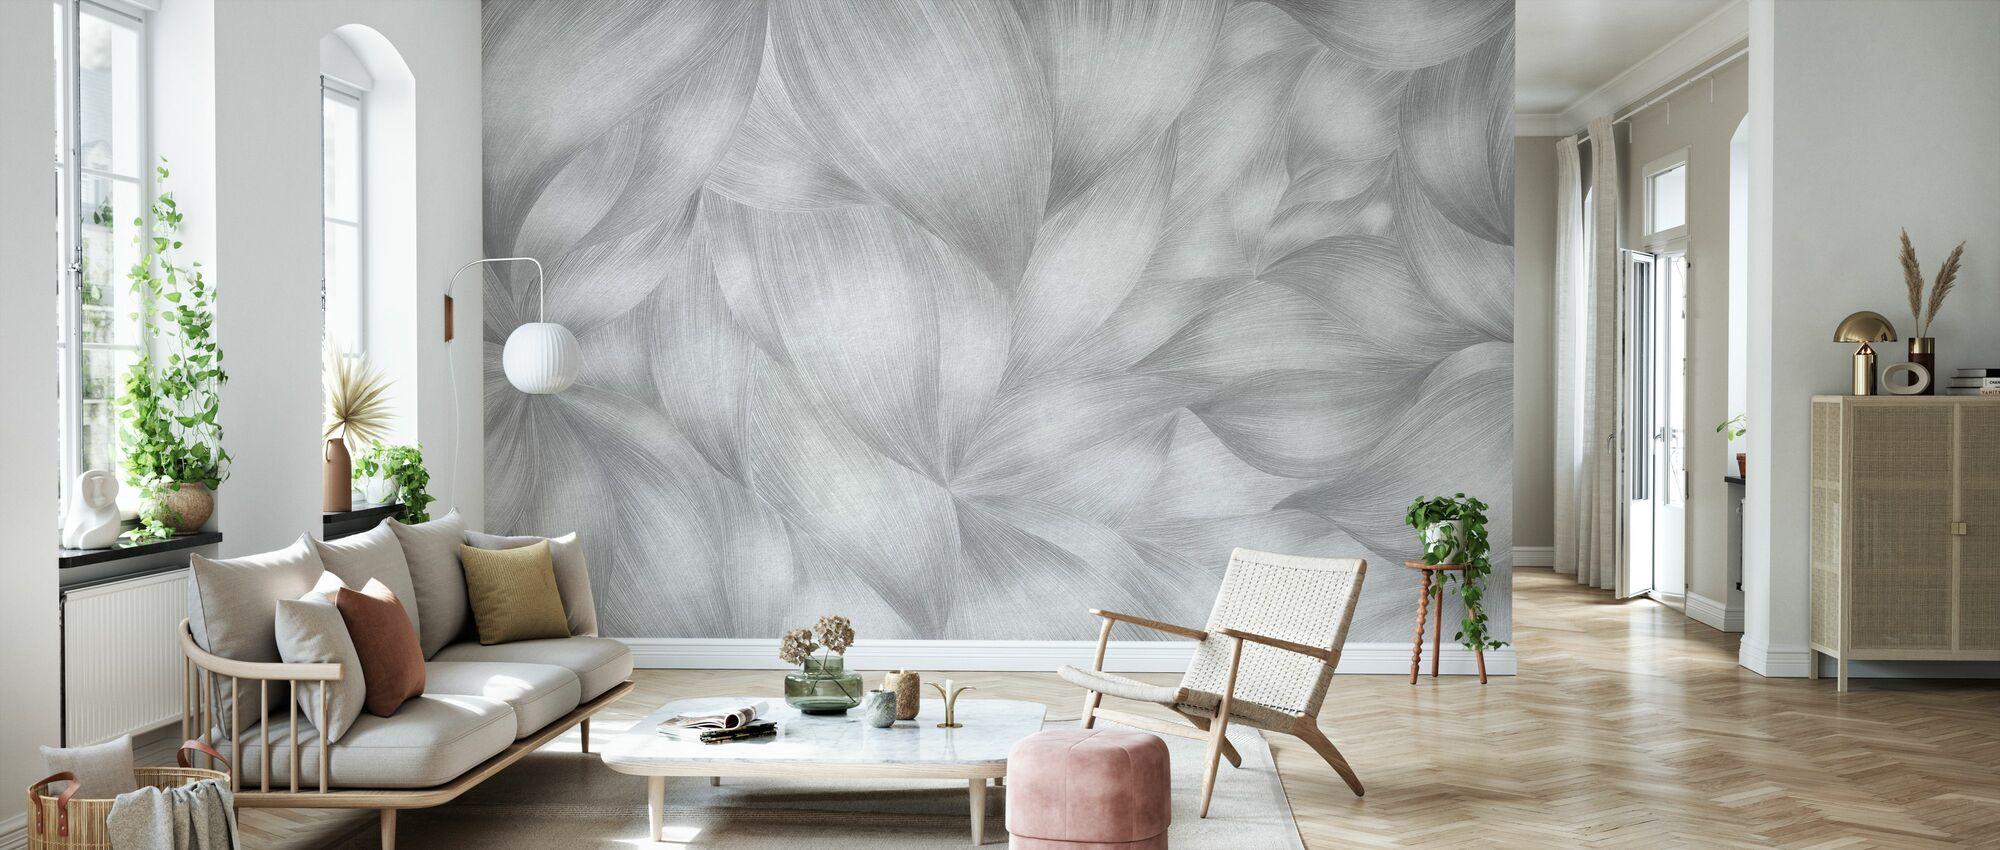 Flowing Forms II - Wallpaper - Living Room